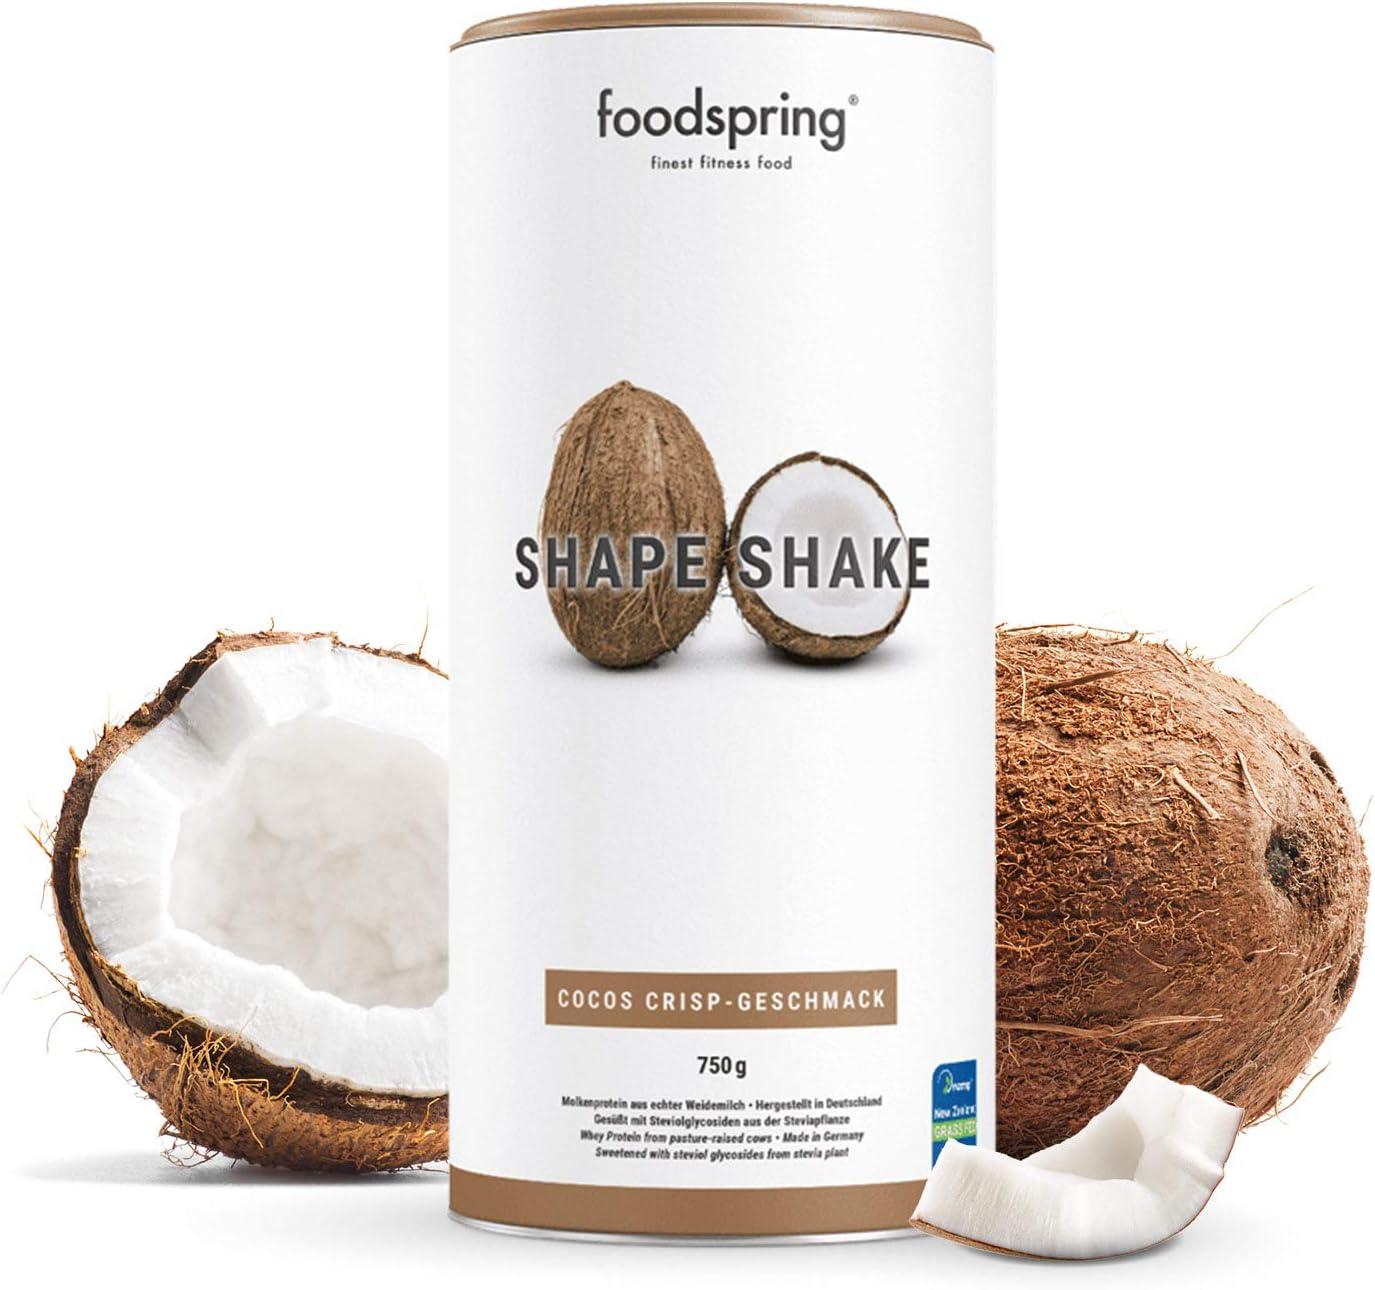 foodspring Shape Shake, Sabor Coco, 750g, Batido saciante, 100% proteína de suero de leche en polvo, Enriquecido con L-carnitina (quema grasas): Amazon.es: Alimentación y bebidas